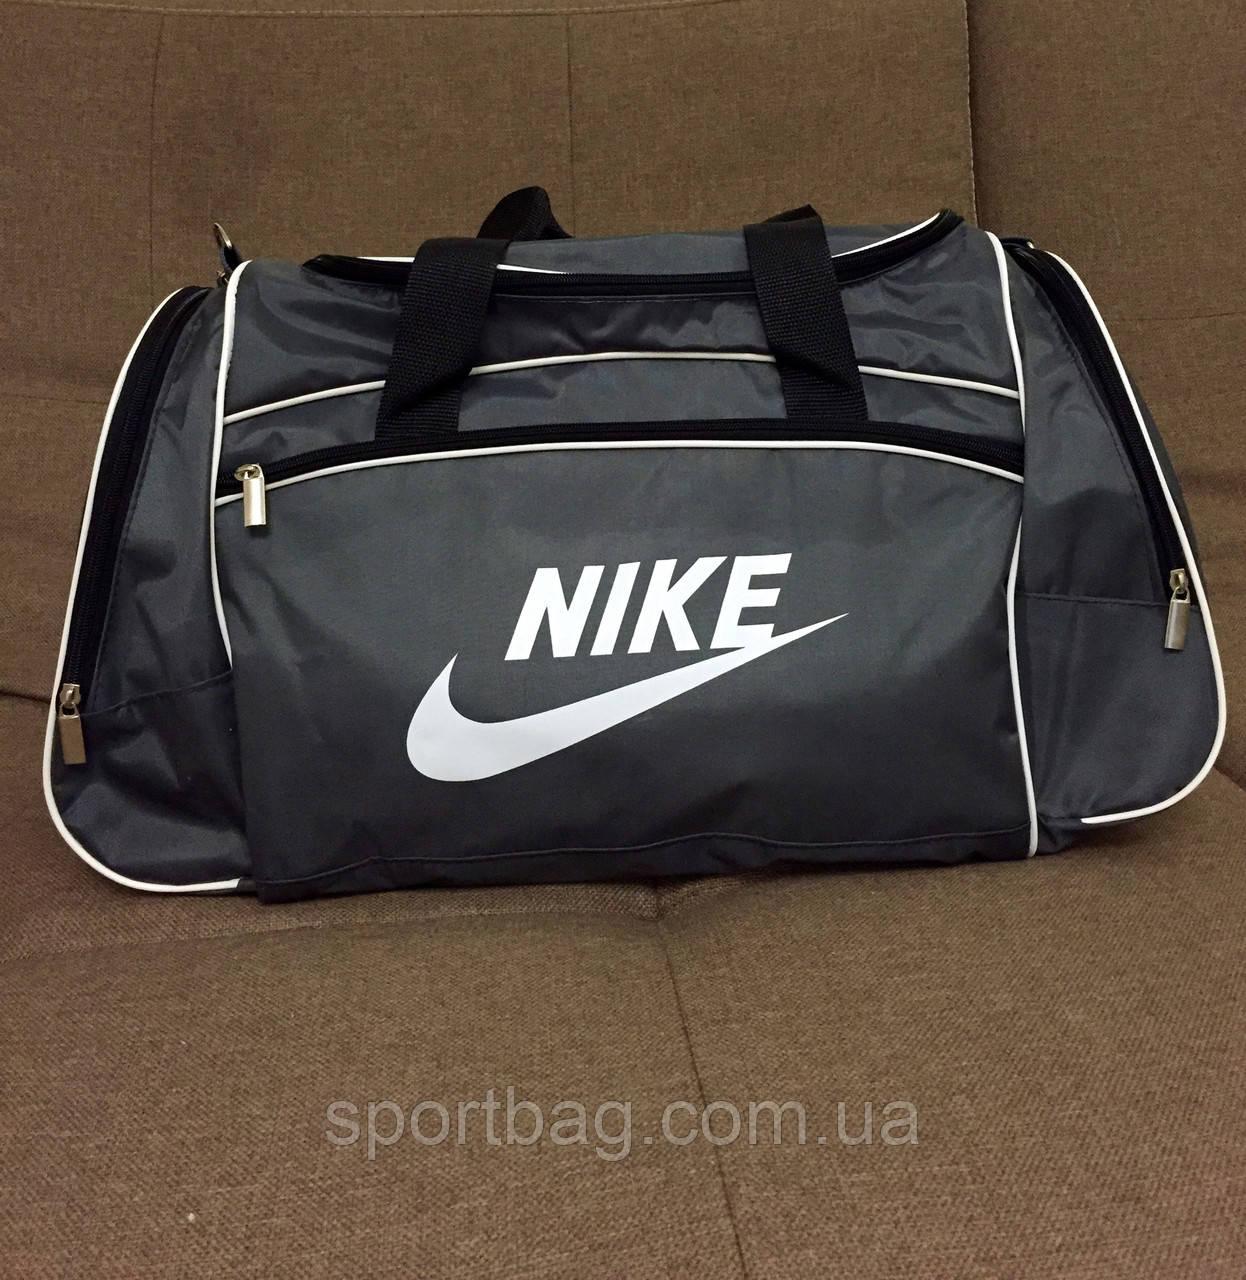 dbcde77c Сумка дорожно-спортивная Adidas, Nike М-520 - Интернет-магазин Sportbag.